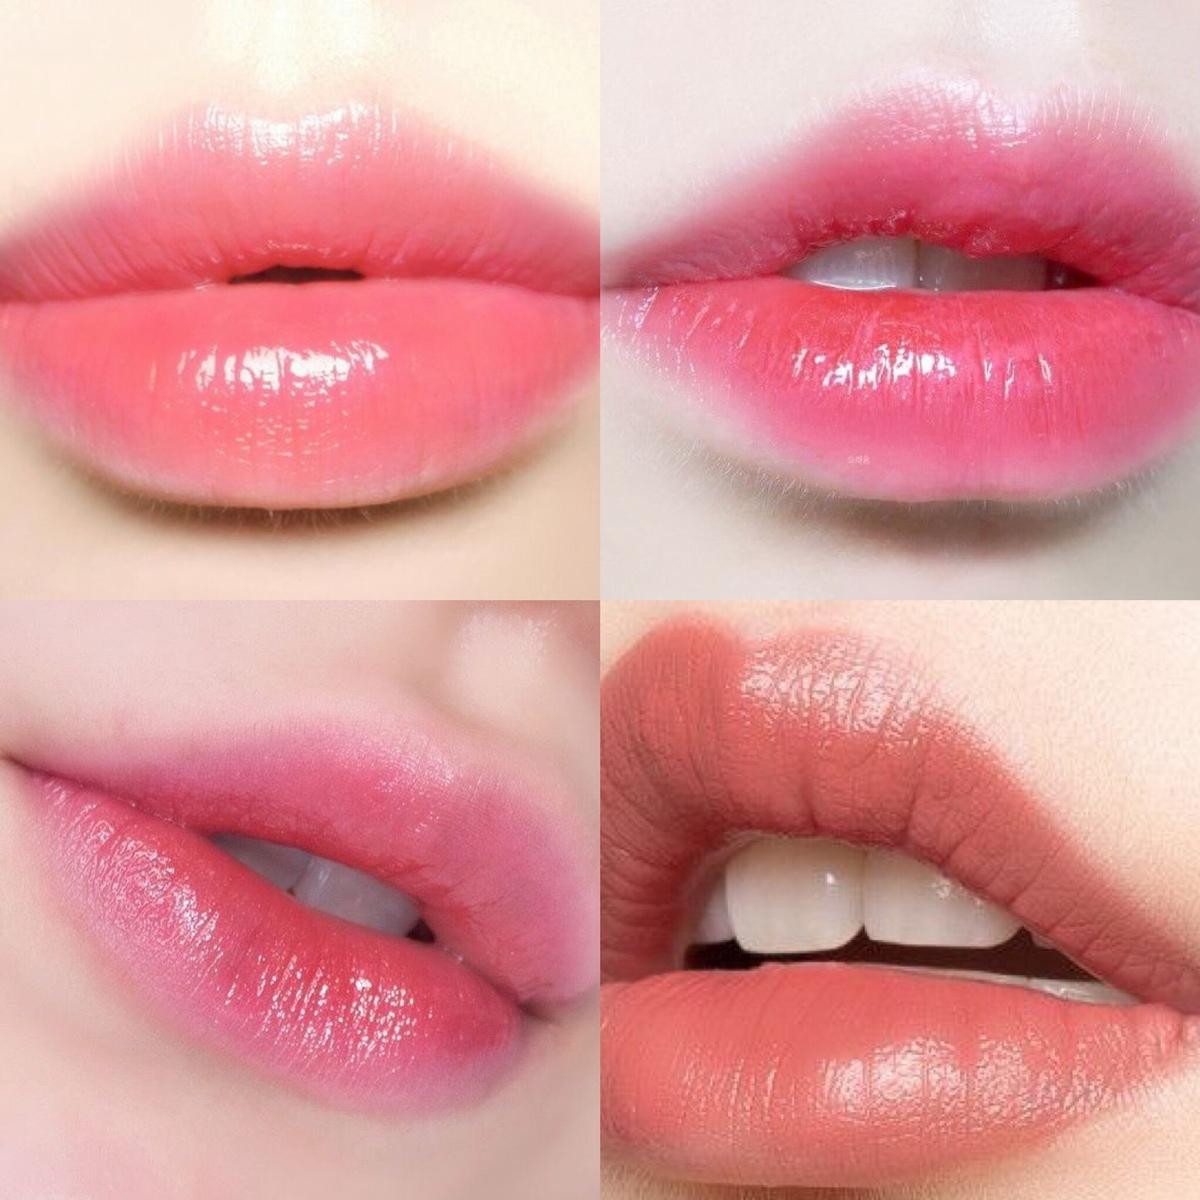 用過就回不去了的潤色護唇膏,拯救暗唇色就靠它了, DHC純攬潤色護唇膏一用暗沉唇色立即散退